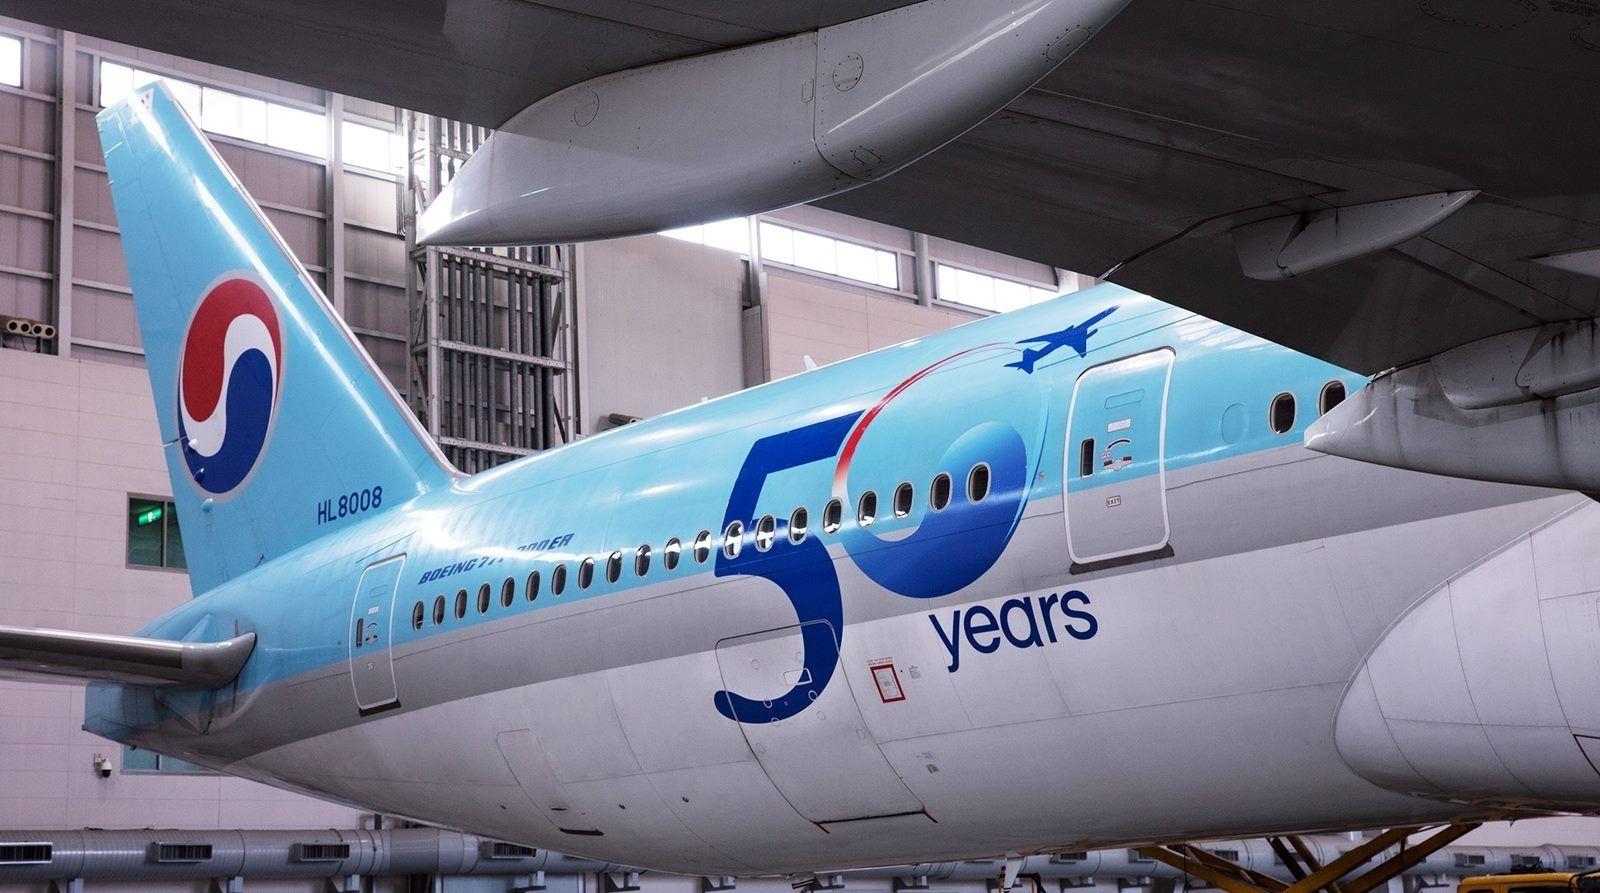 大韩航空50周年,将持续深耕中国市场